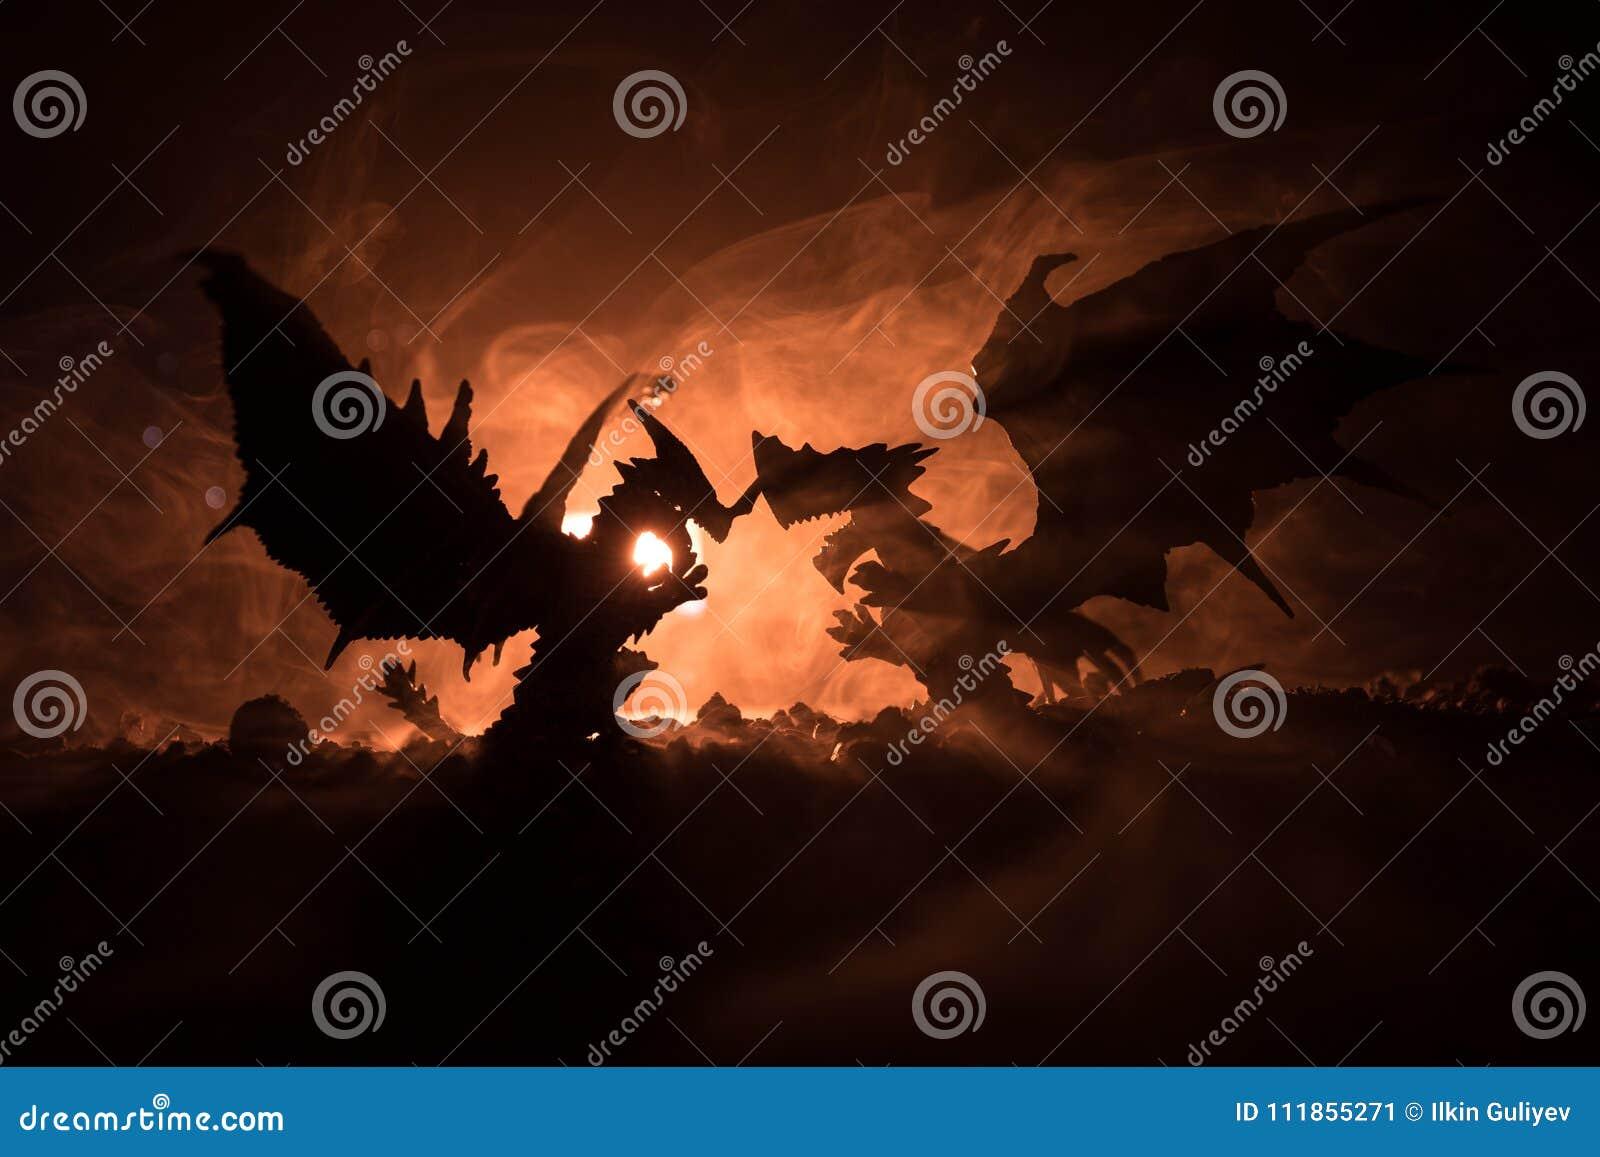 Silhouet van brand ademhalingsdraak met grote vleugels op een donkeroranje achtergrond